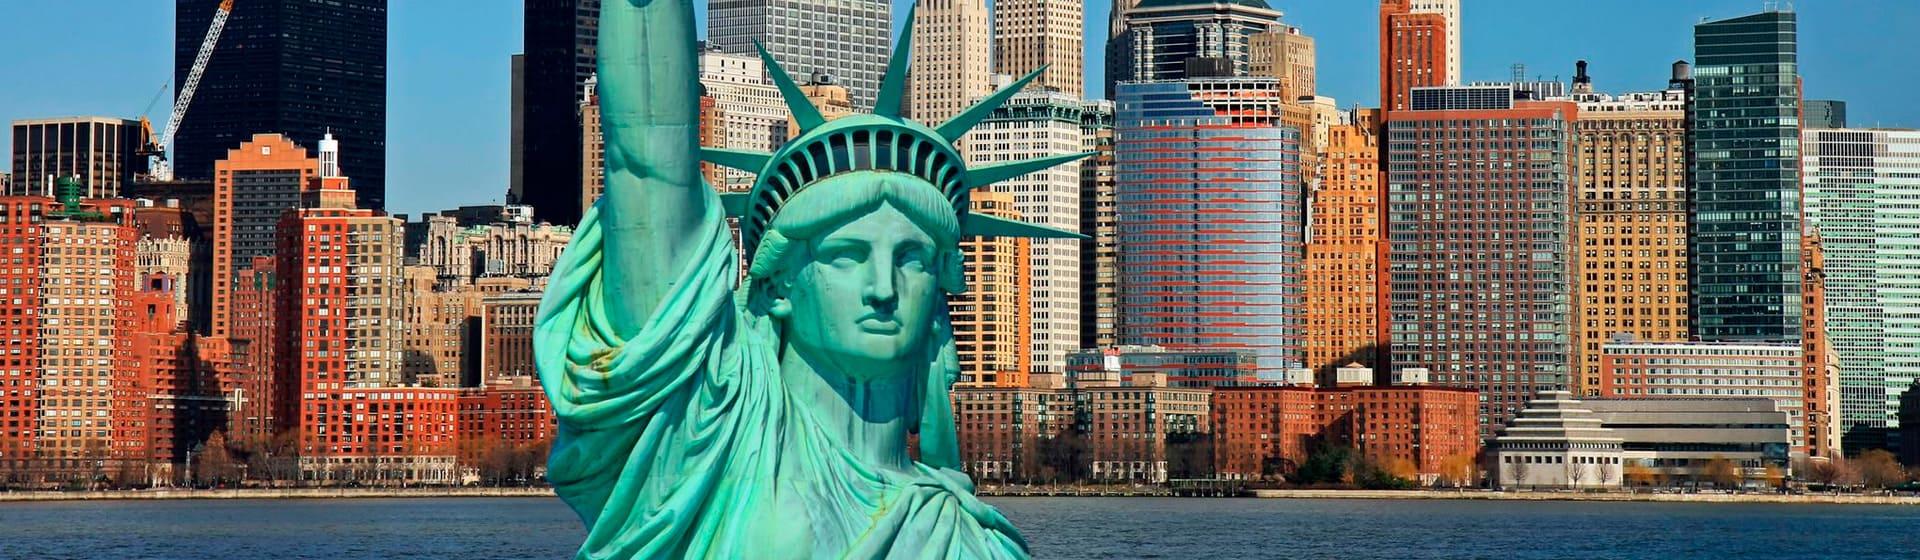 США - Мерч и одежда с атрибутикой